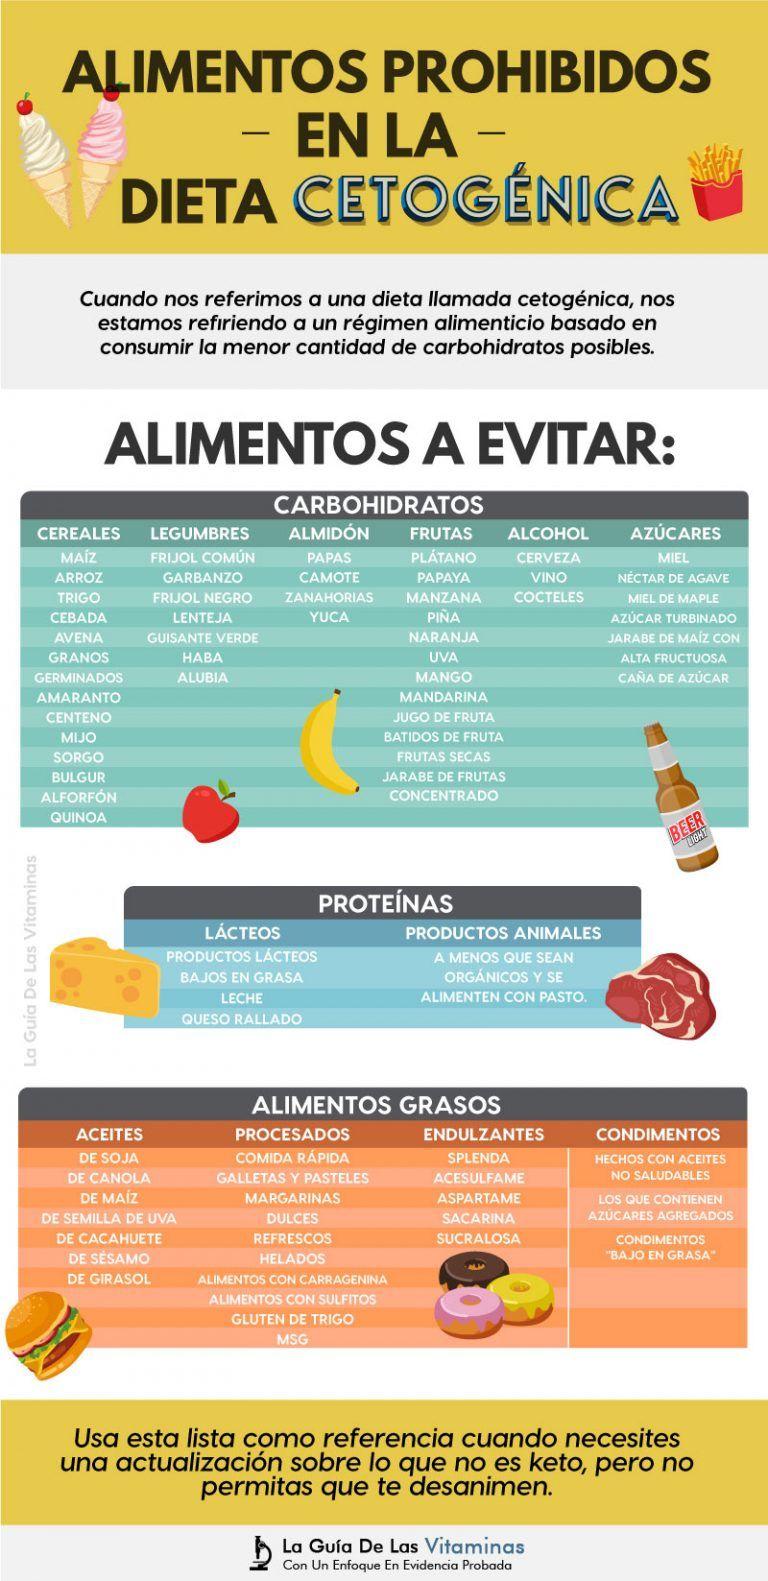 los+plátanos+están+bien+en+la+dieta+cetogénica